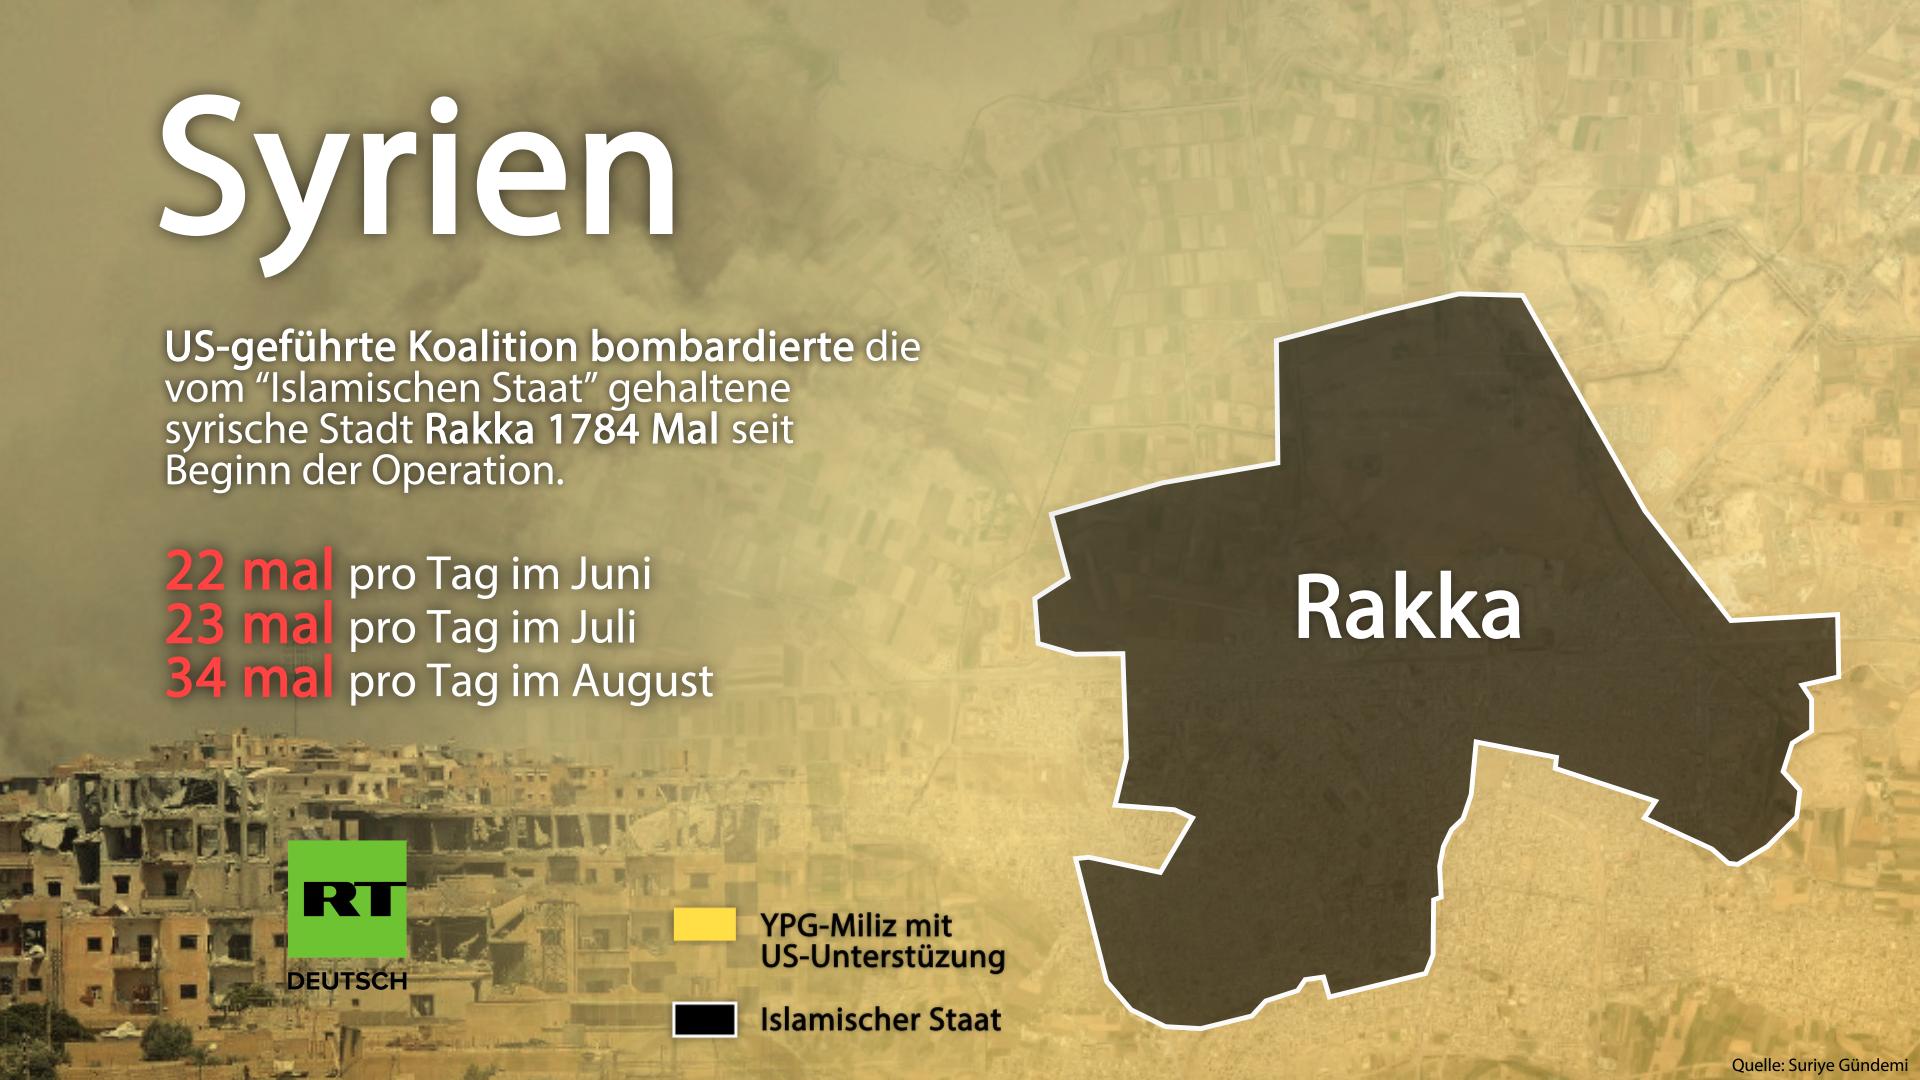 Analyse: Wieso schwächelt die US-Offensive mit Kurden-Miliz YPG gegen IS-Hochburg Rakka so massiv?